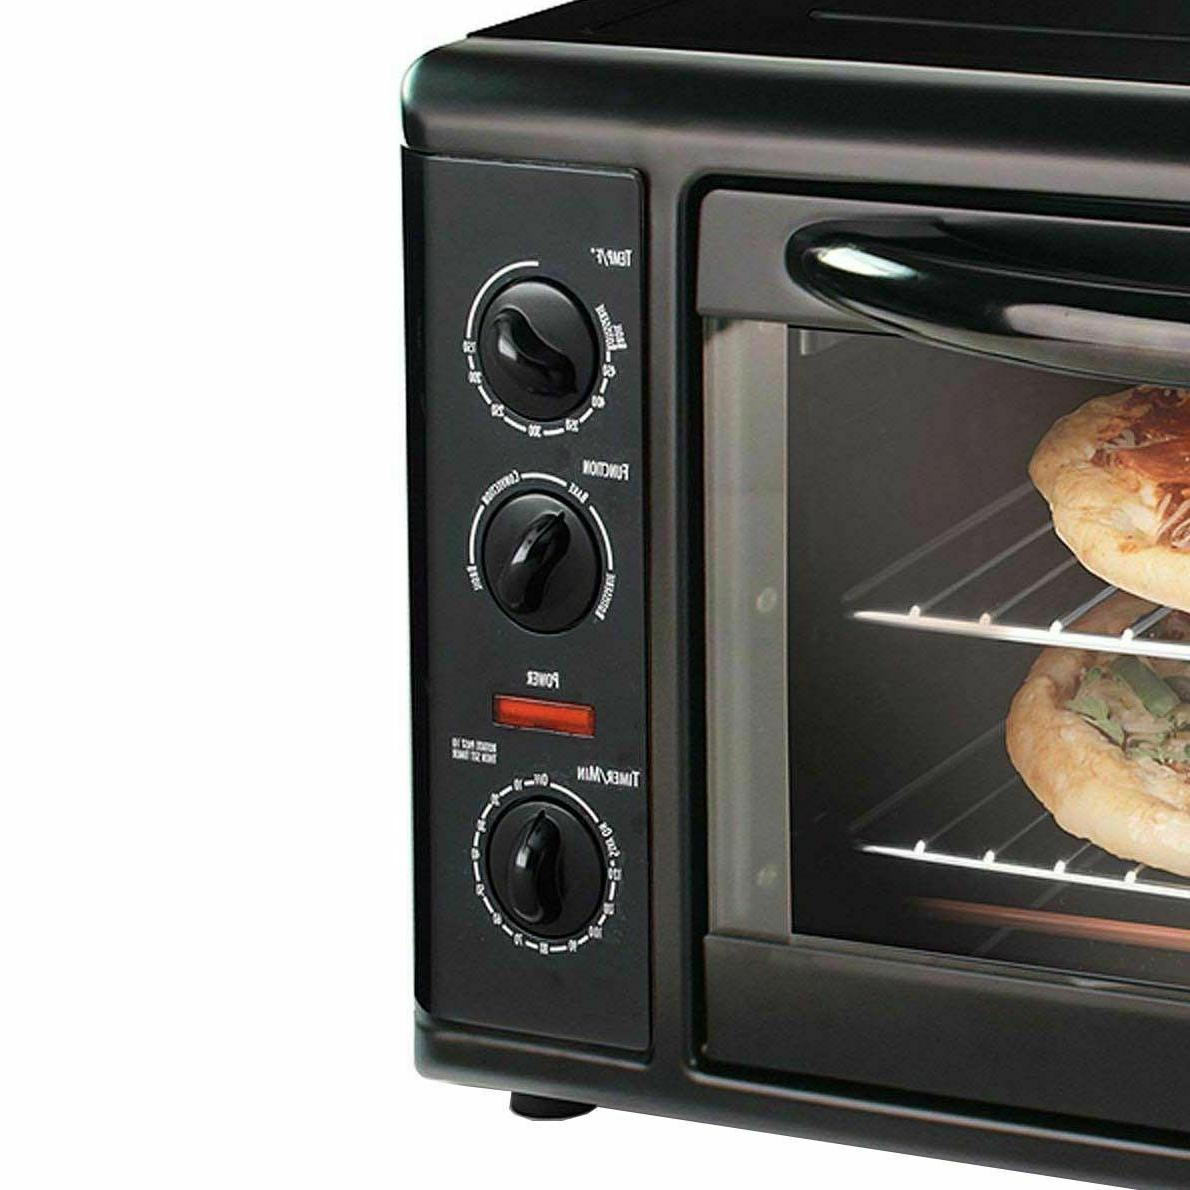 Hamilton Oven Black   31121A